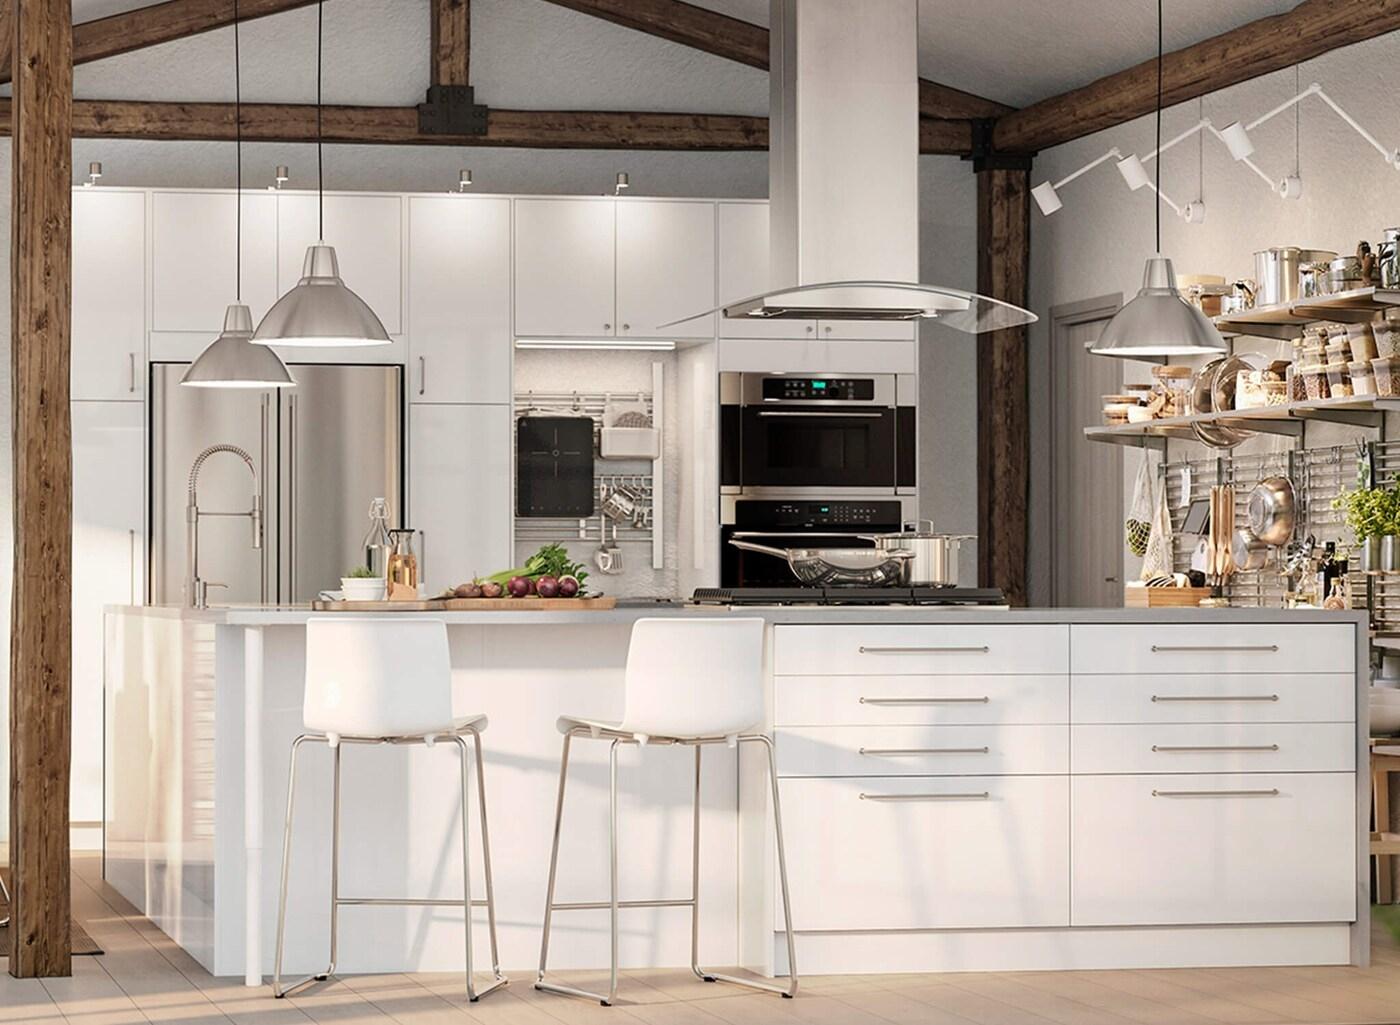 Дизайн кухонь IKEA из Европы на homezone.com.ua